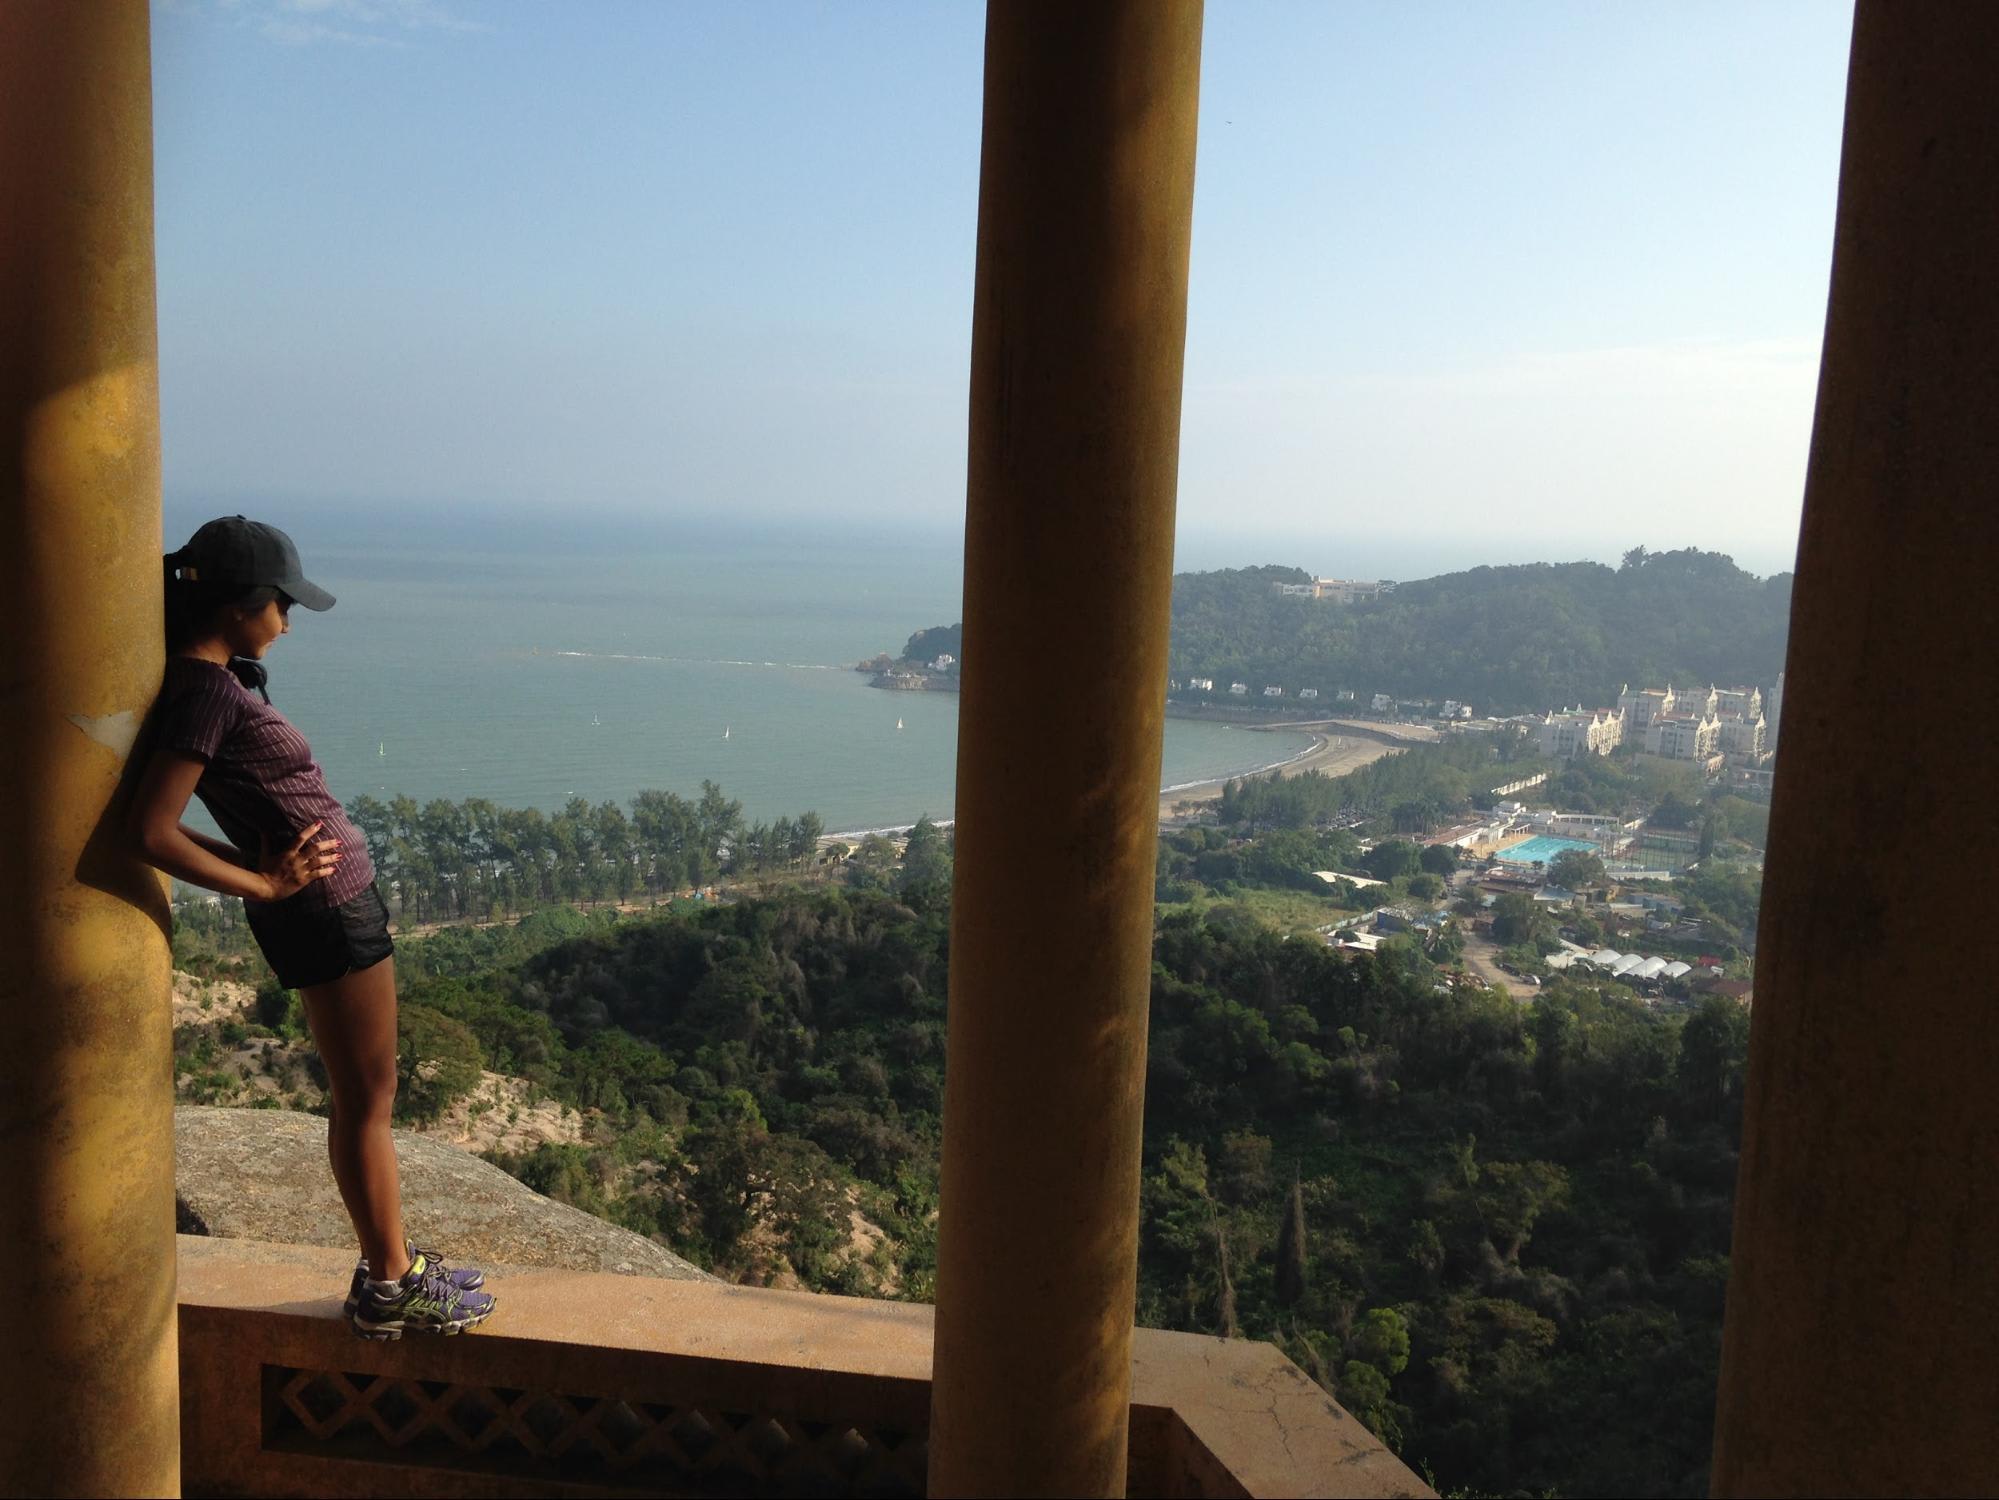 HIking in Macau